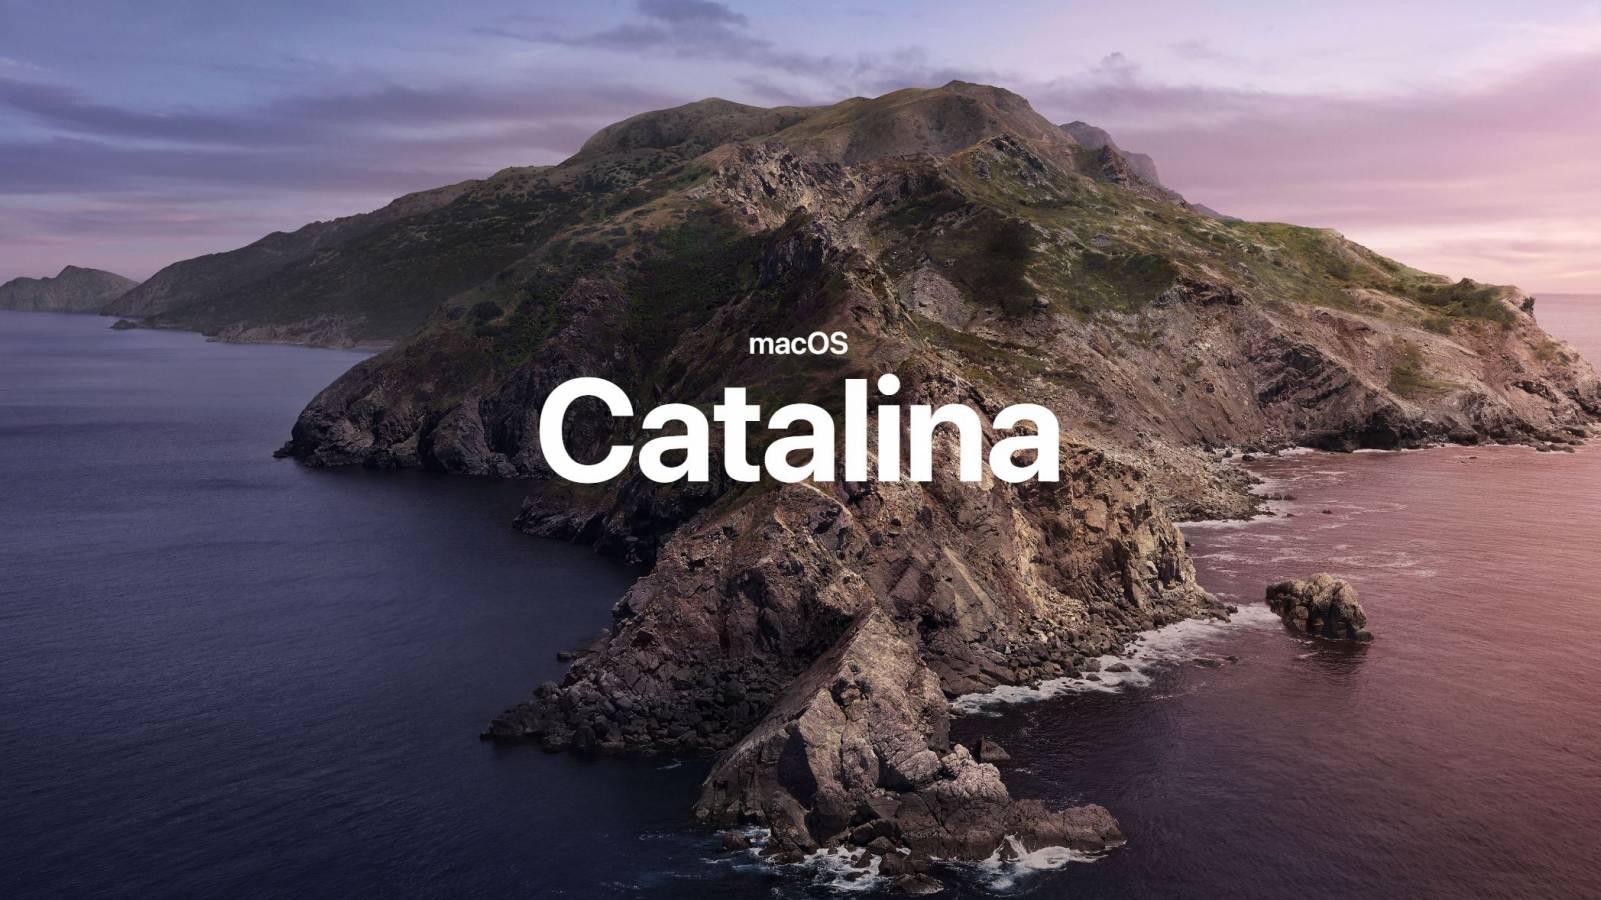 macOS Catalina 10.15.1 watchOS 6.1